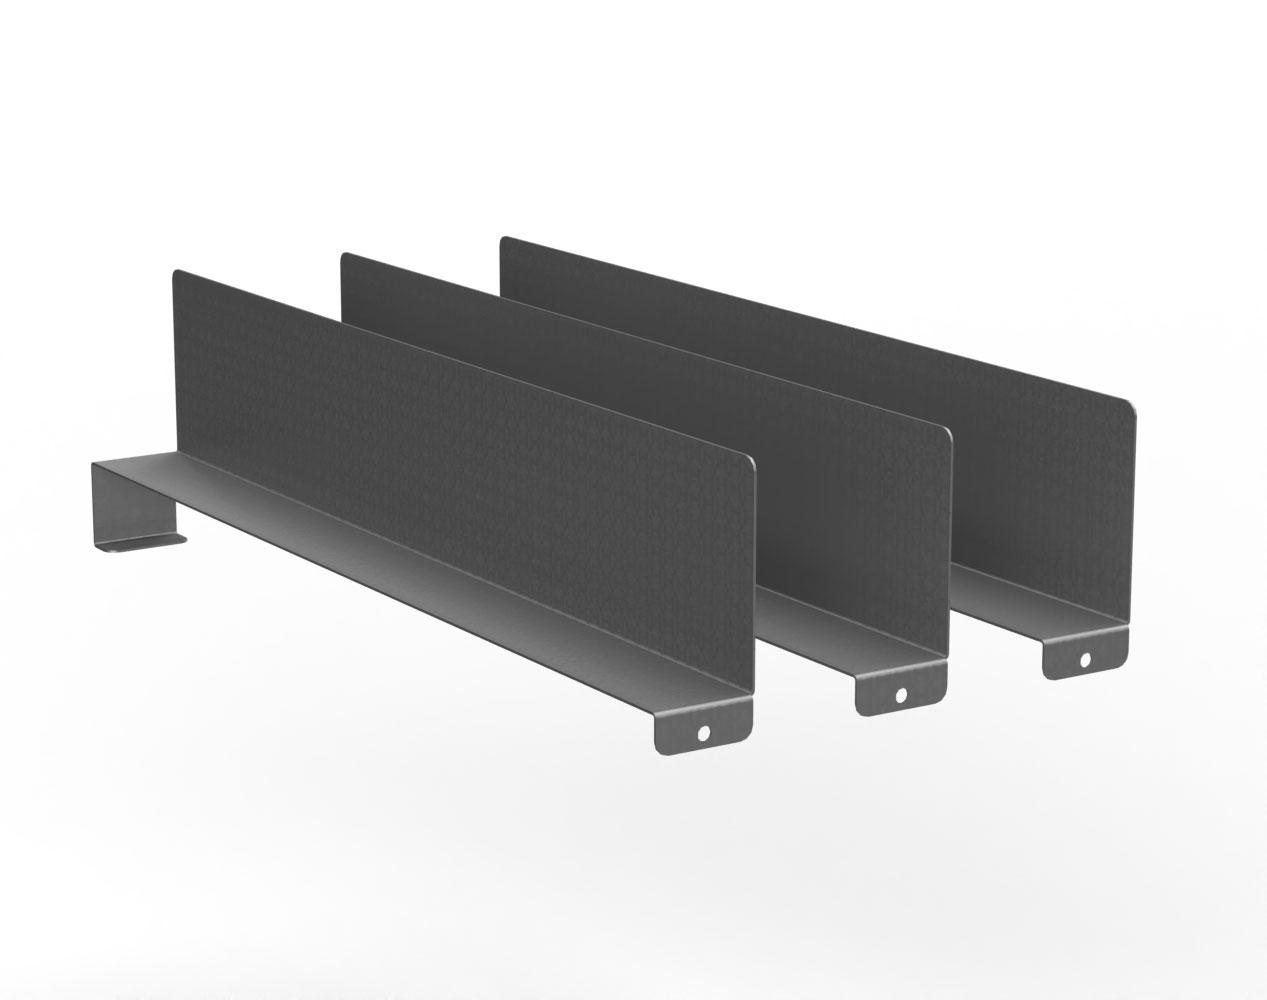 Adjustable Vertical Shelf Dividers – 20 in. D Cabinet